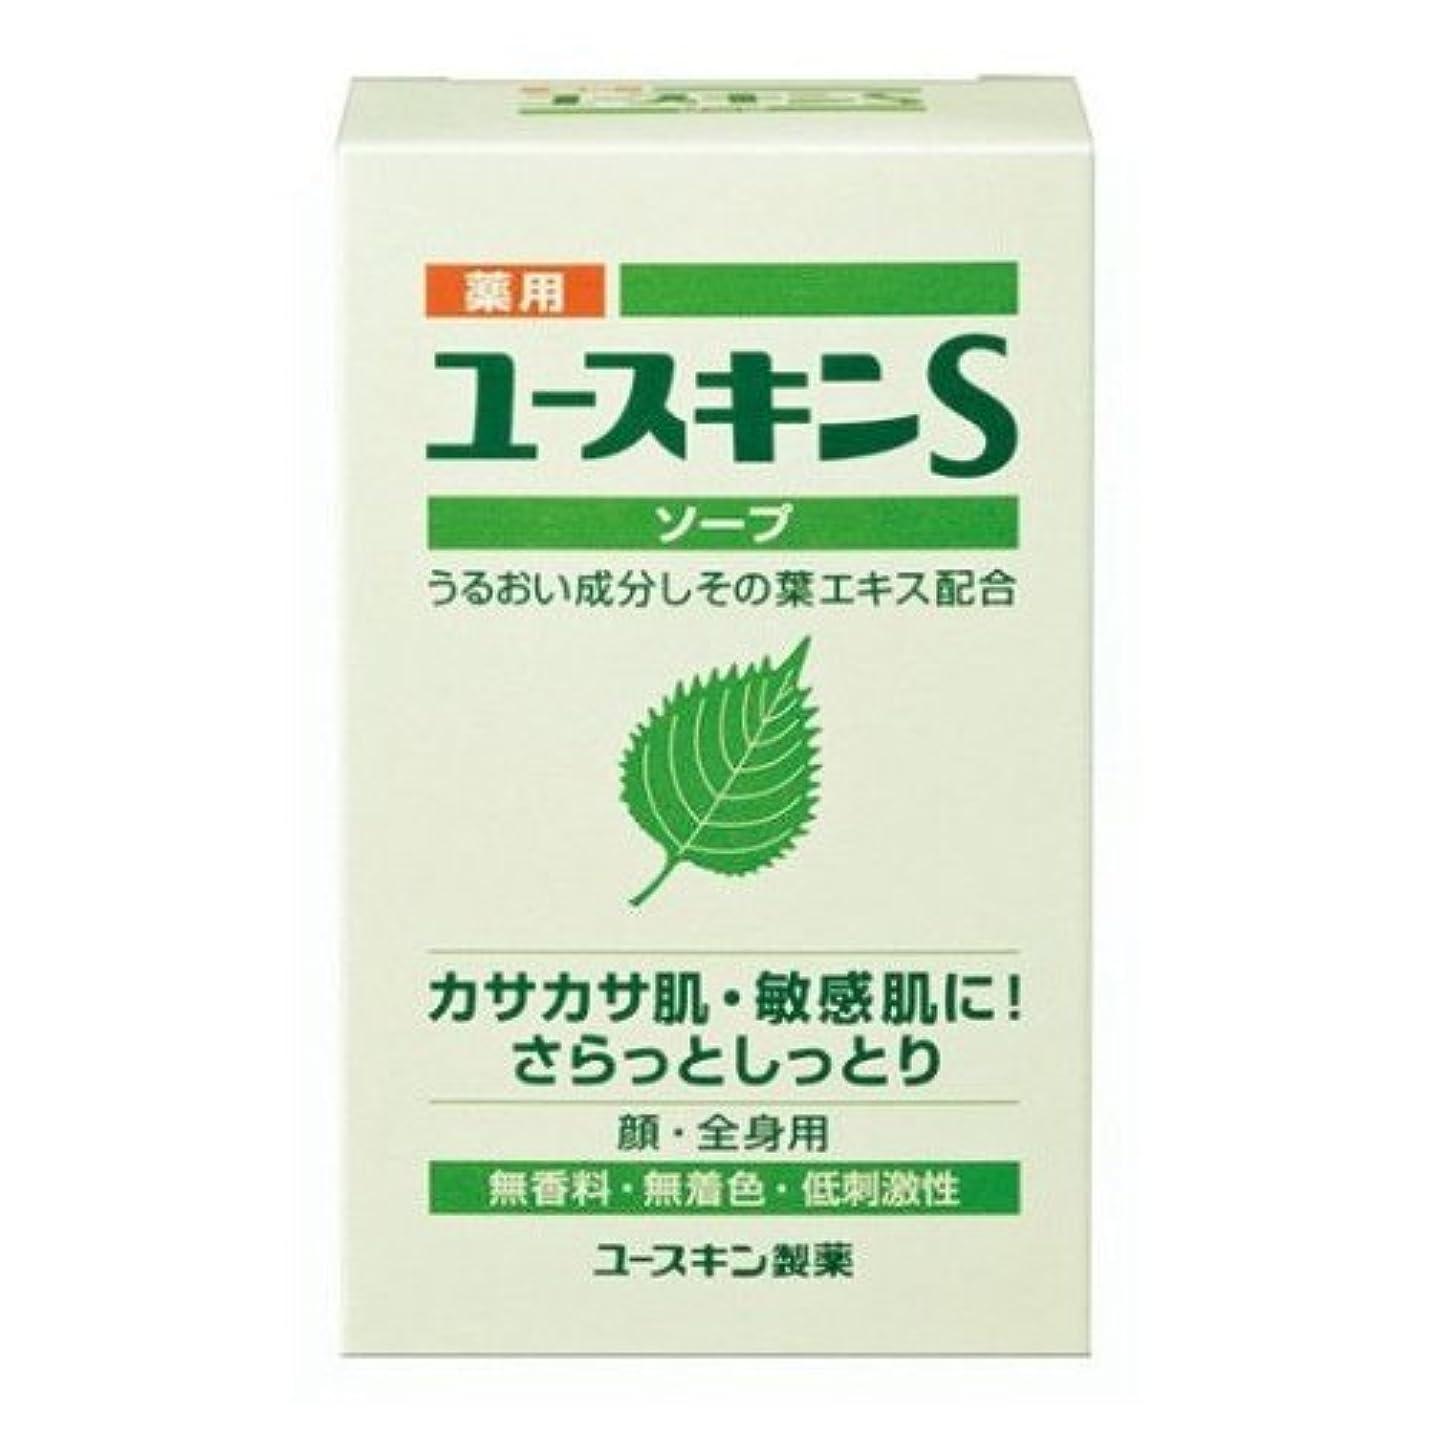 競争階層貧しい薬用ユースキンS ソープ 90g (敏感肌用 透明石鹸) 【医薬部外品】